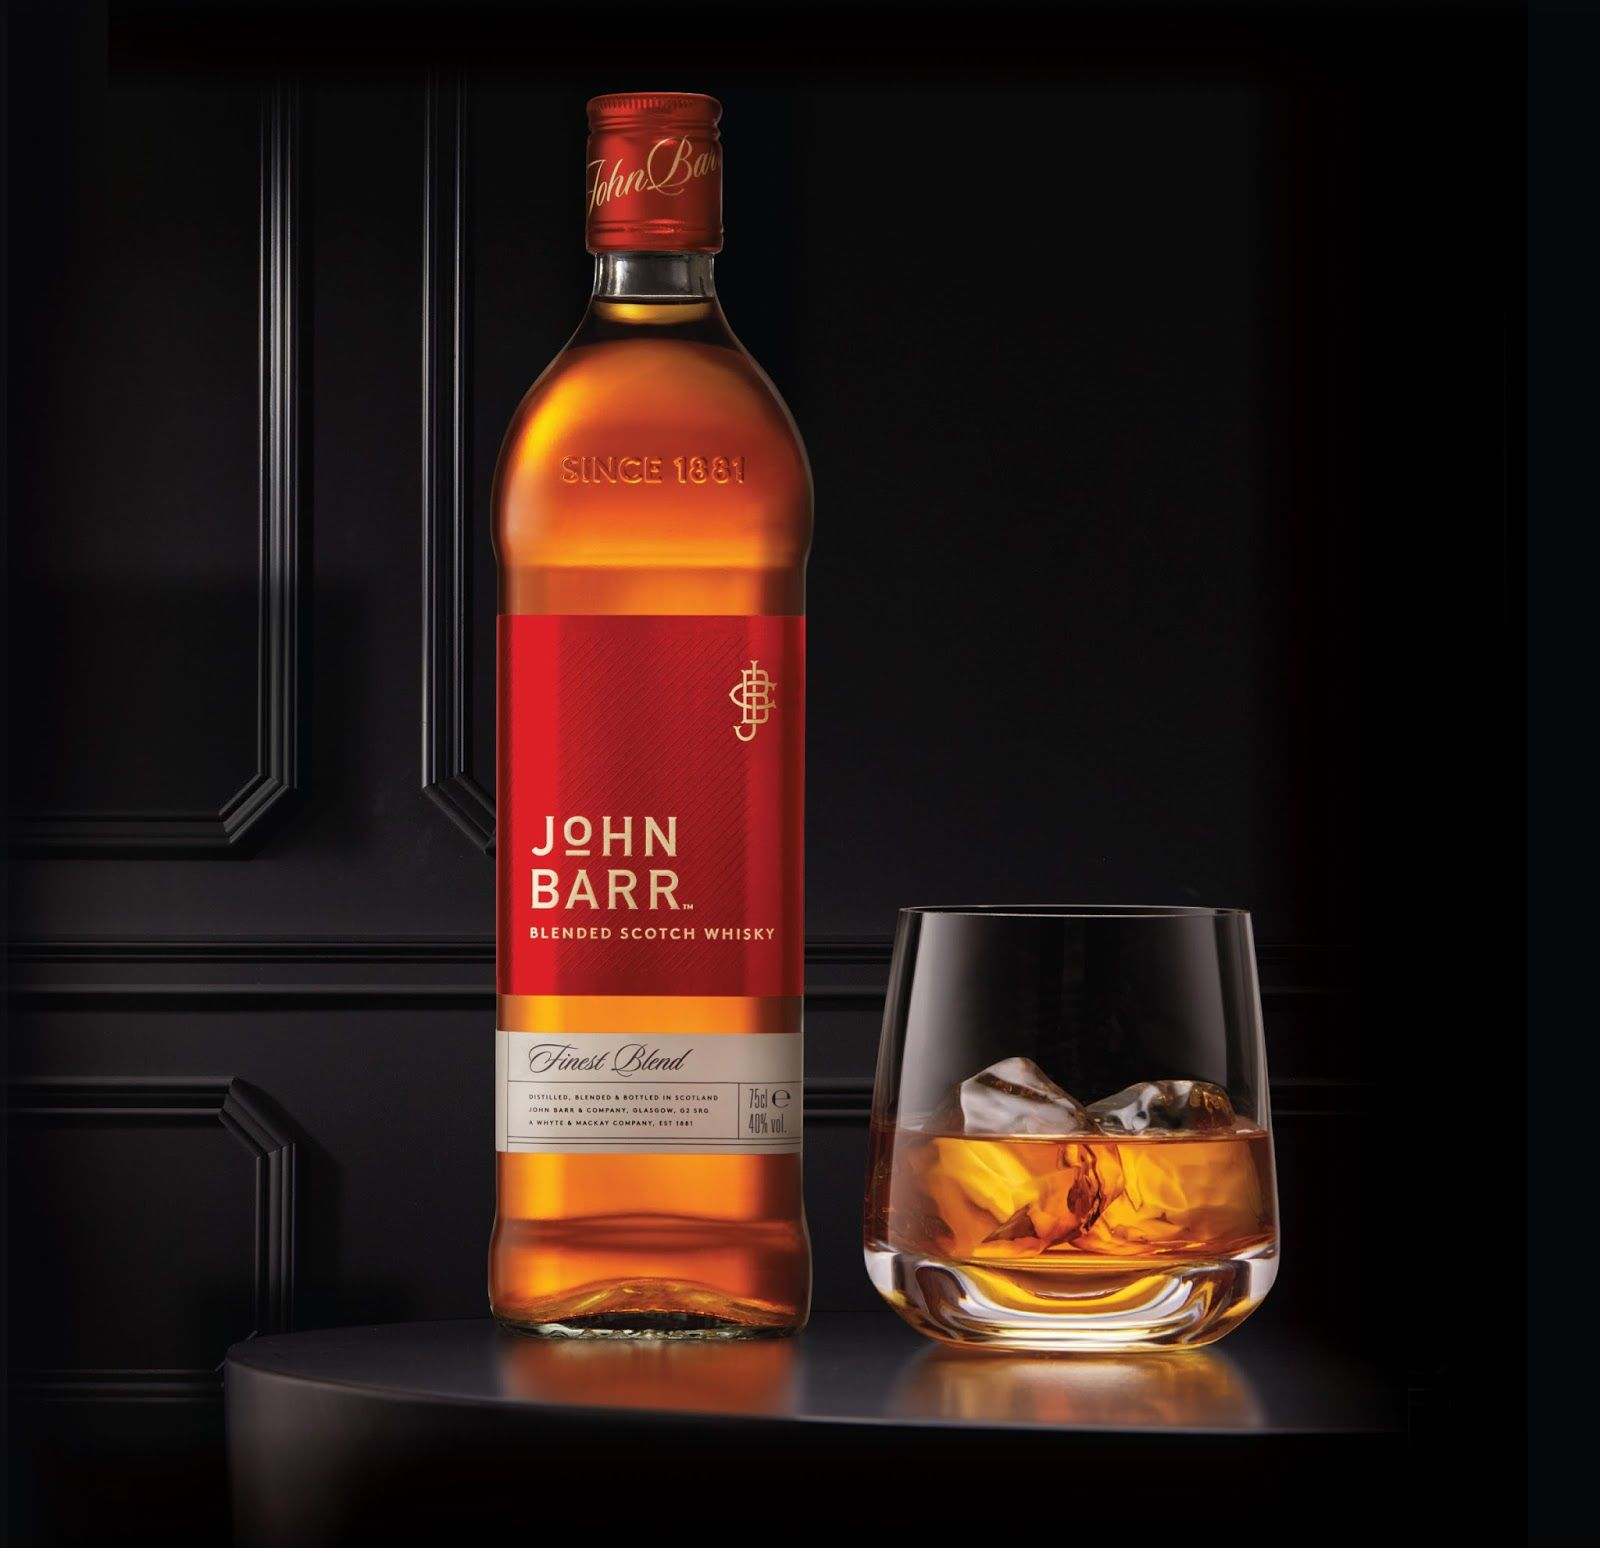 John Barr Whisky Whisky Bottle Whisky Packaging Whisky